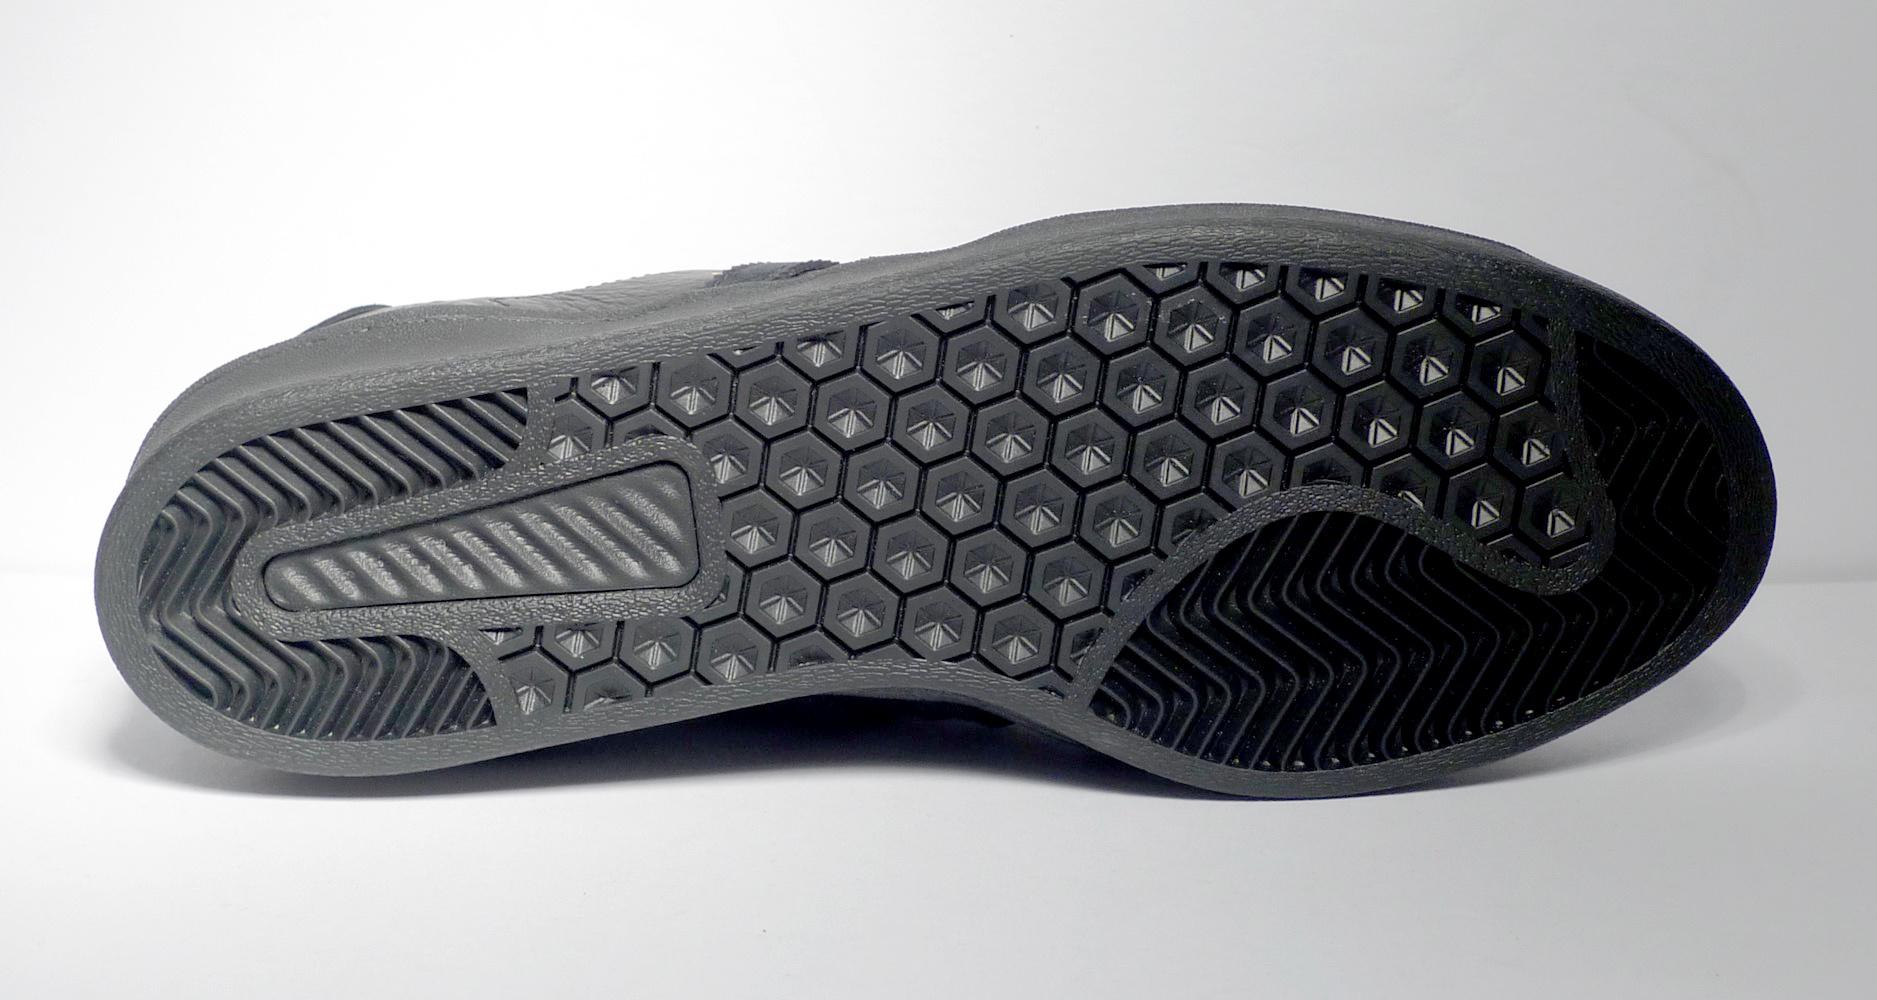 Adidas Adidas Campus Adv - (Silas) Black/Black/Pale Nude